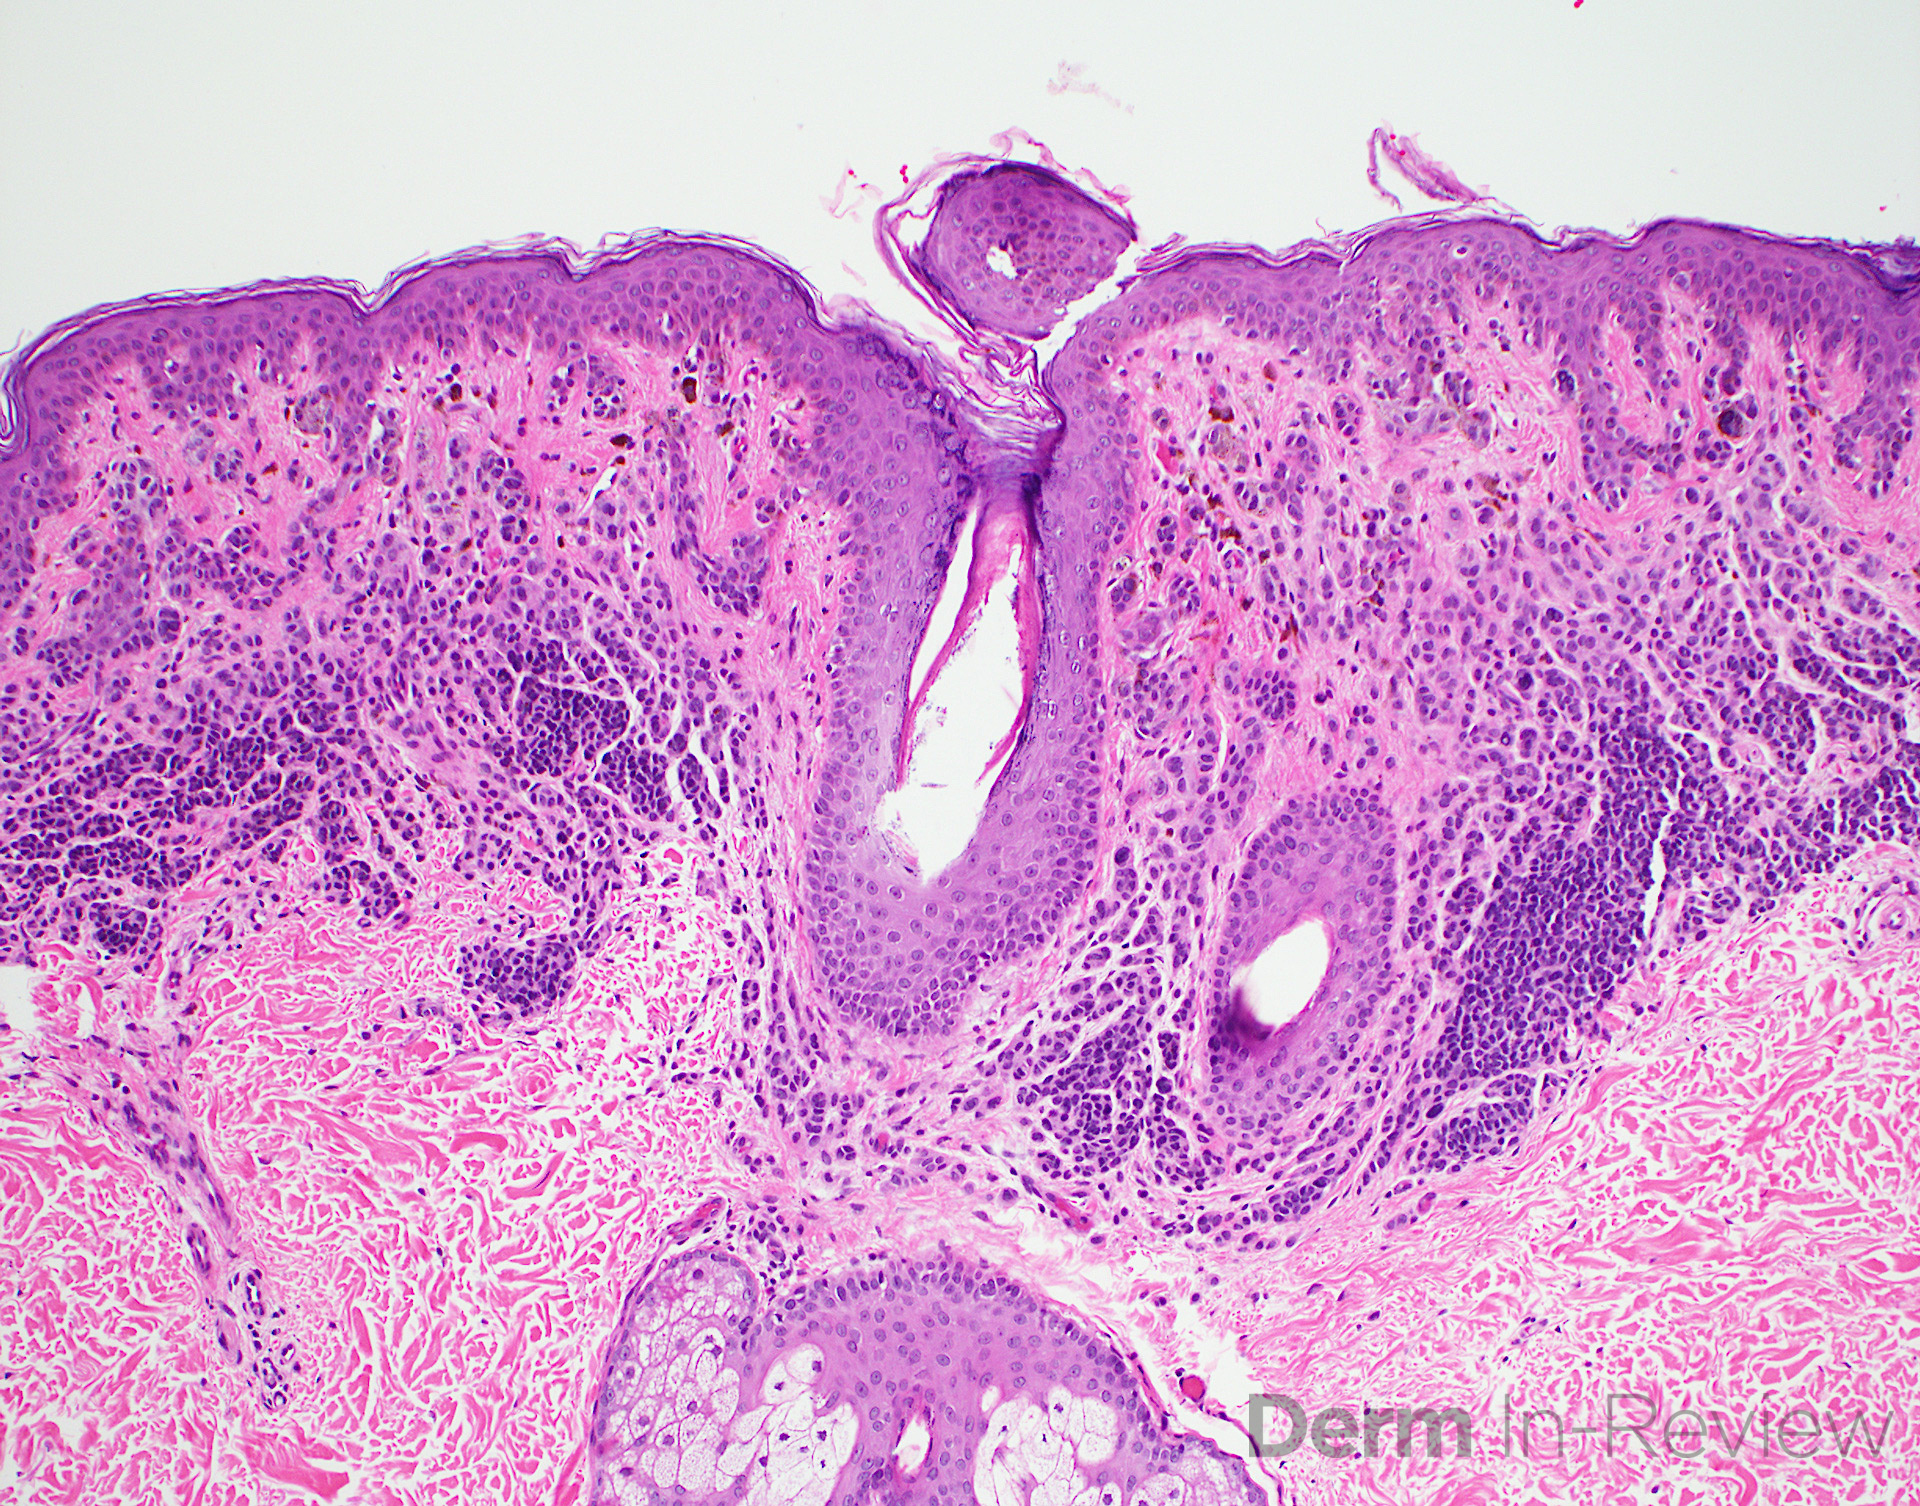 A Compound melanocytic nevus